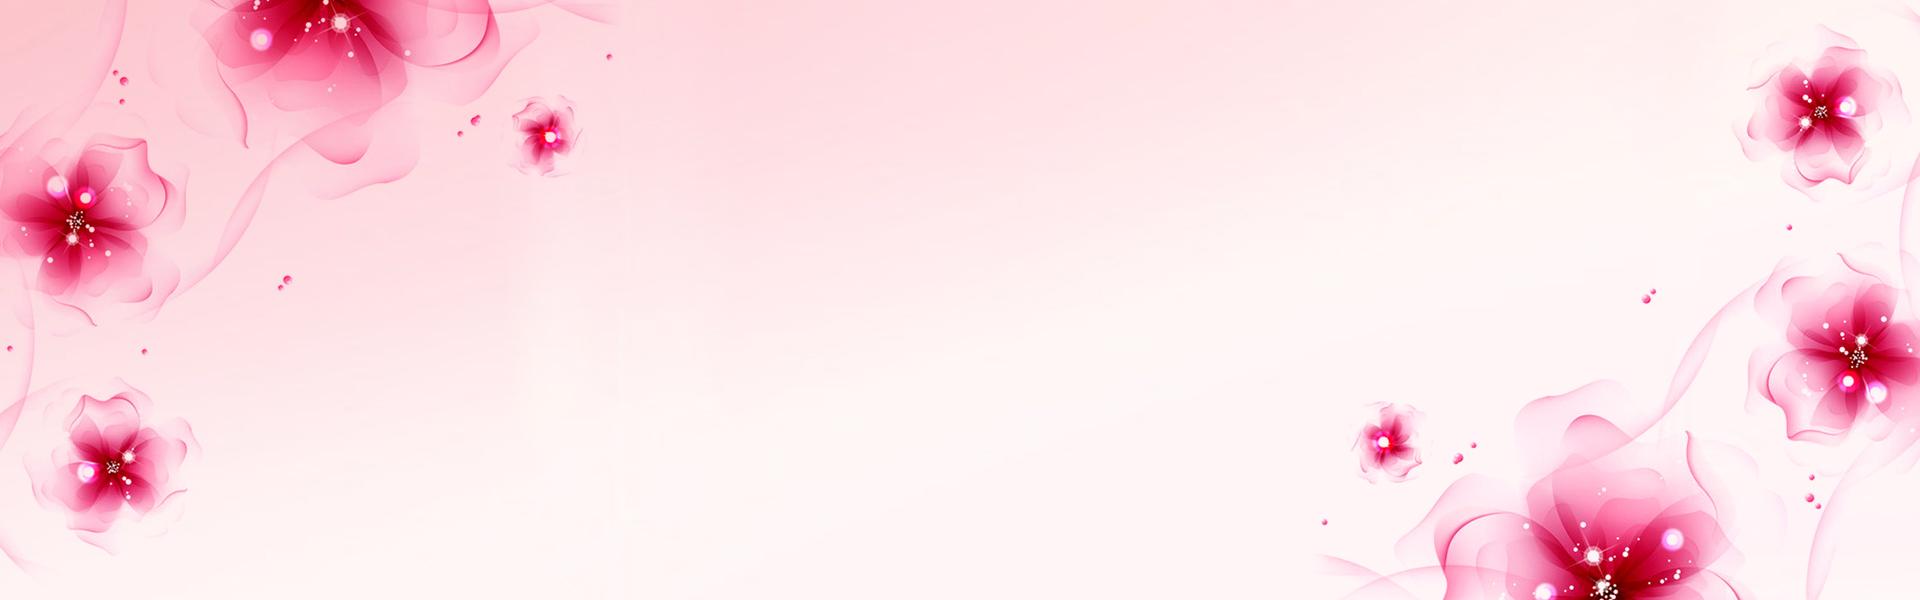 Traum Muster hintergrund, Schattierung, Rosa Blumen, Pink Fantasy ...